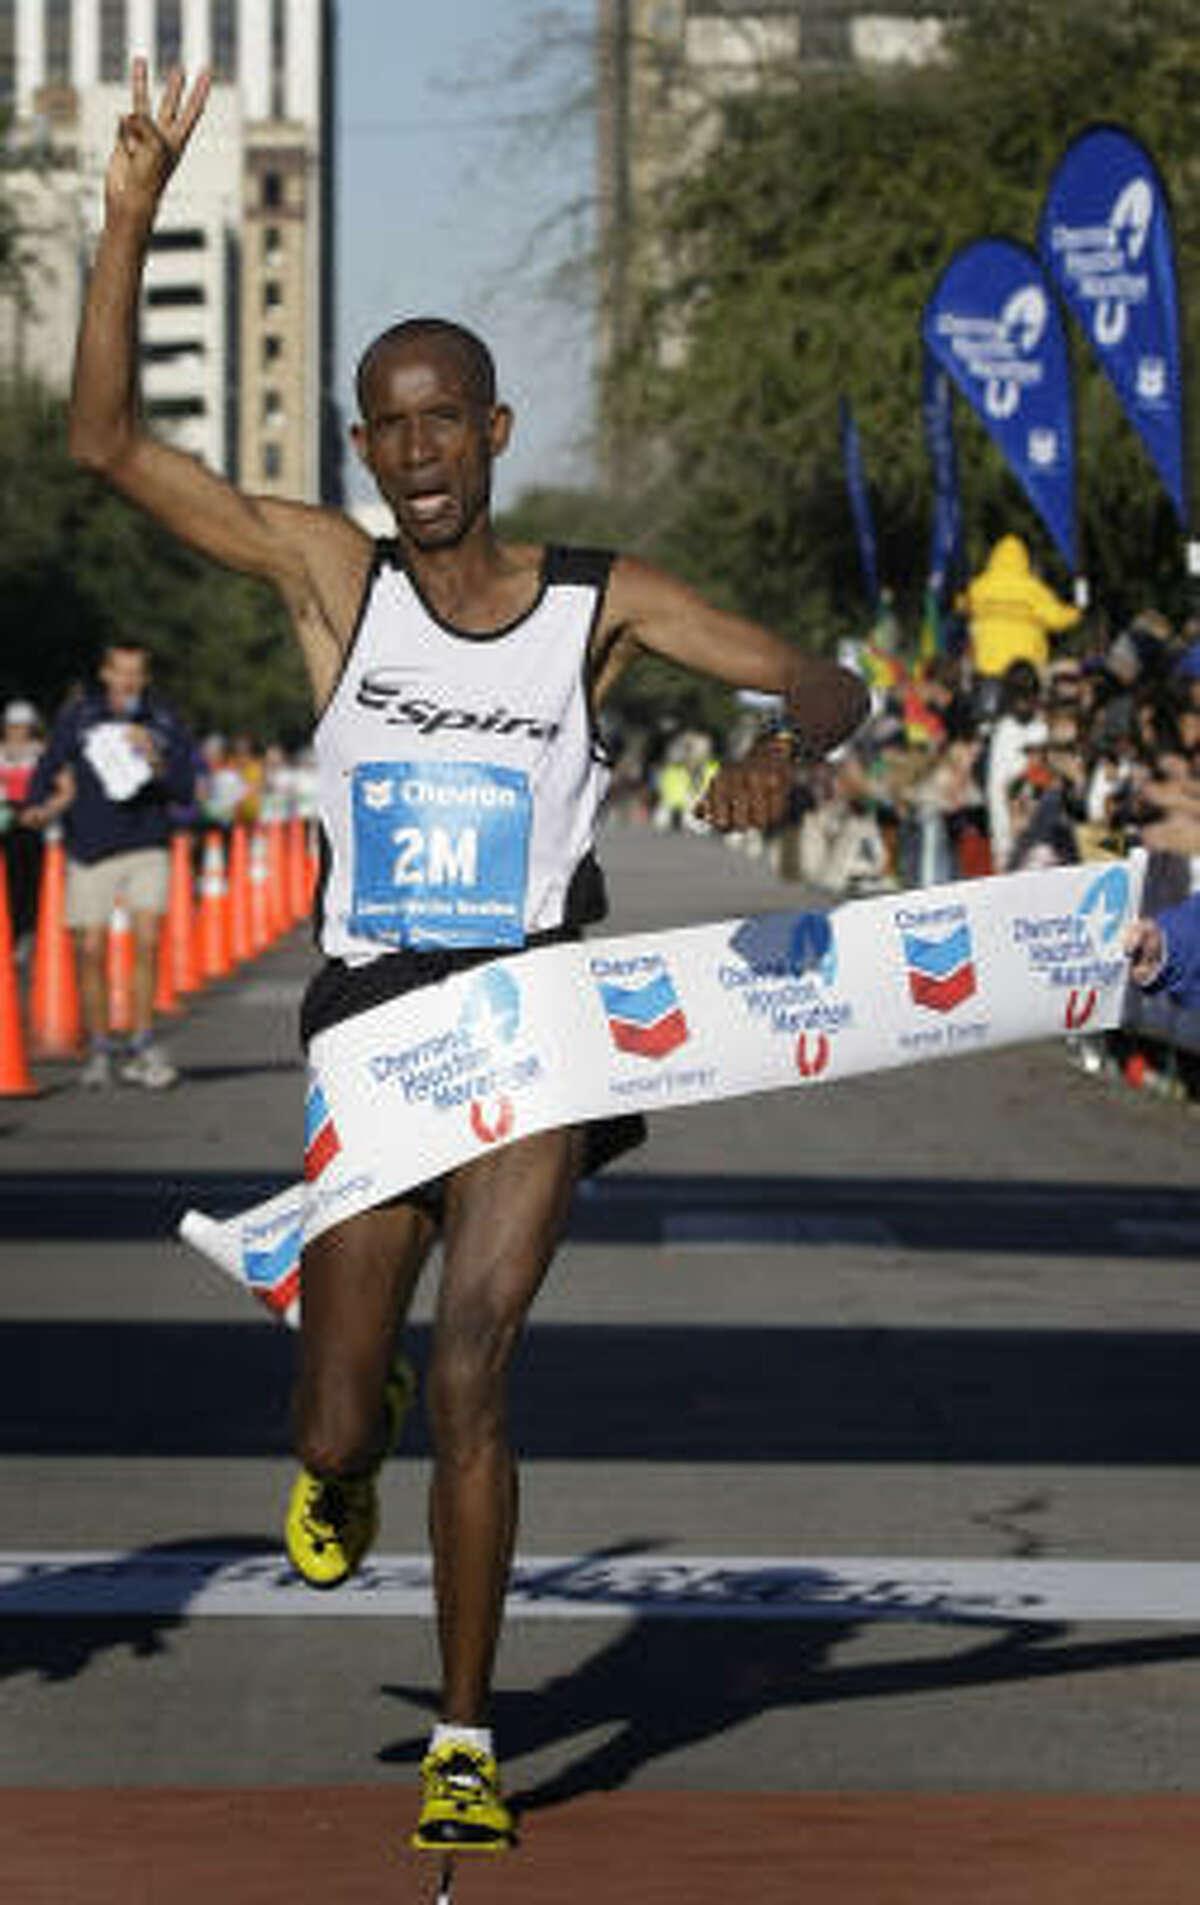 2008 men's division: David Cheruiyot, Kenya, 2:12:32